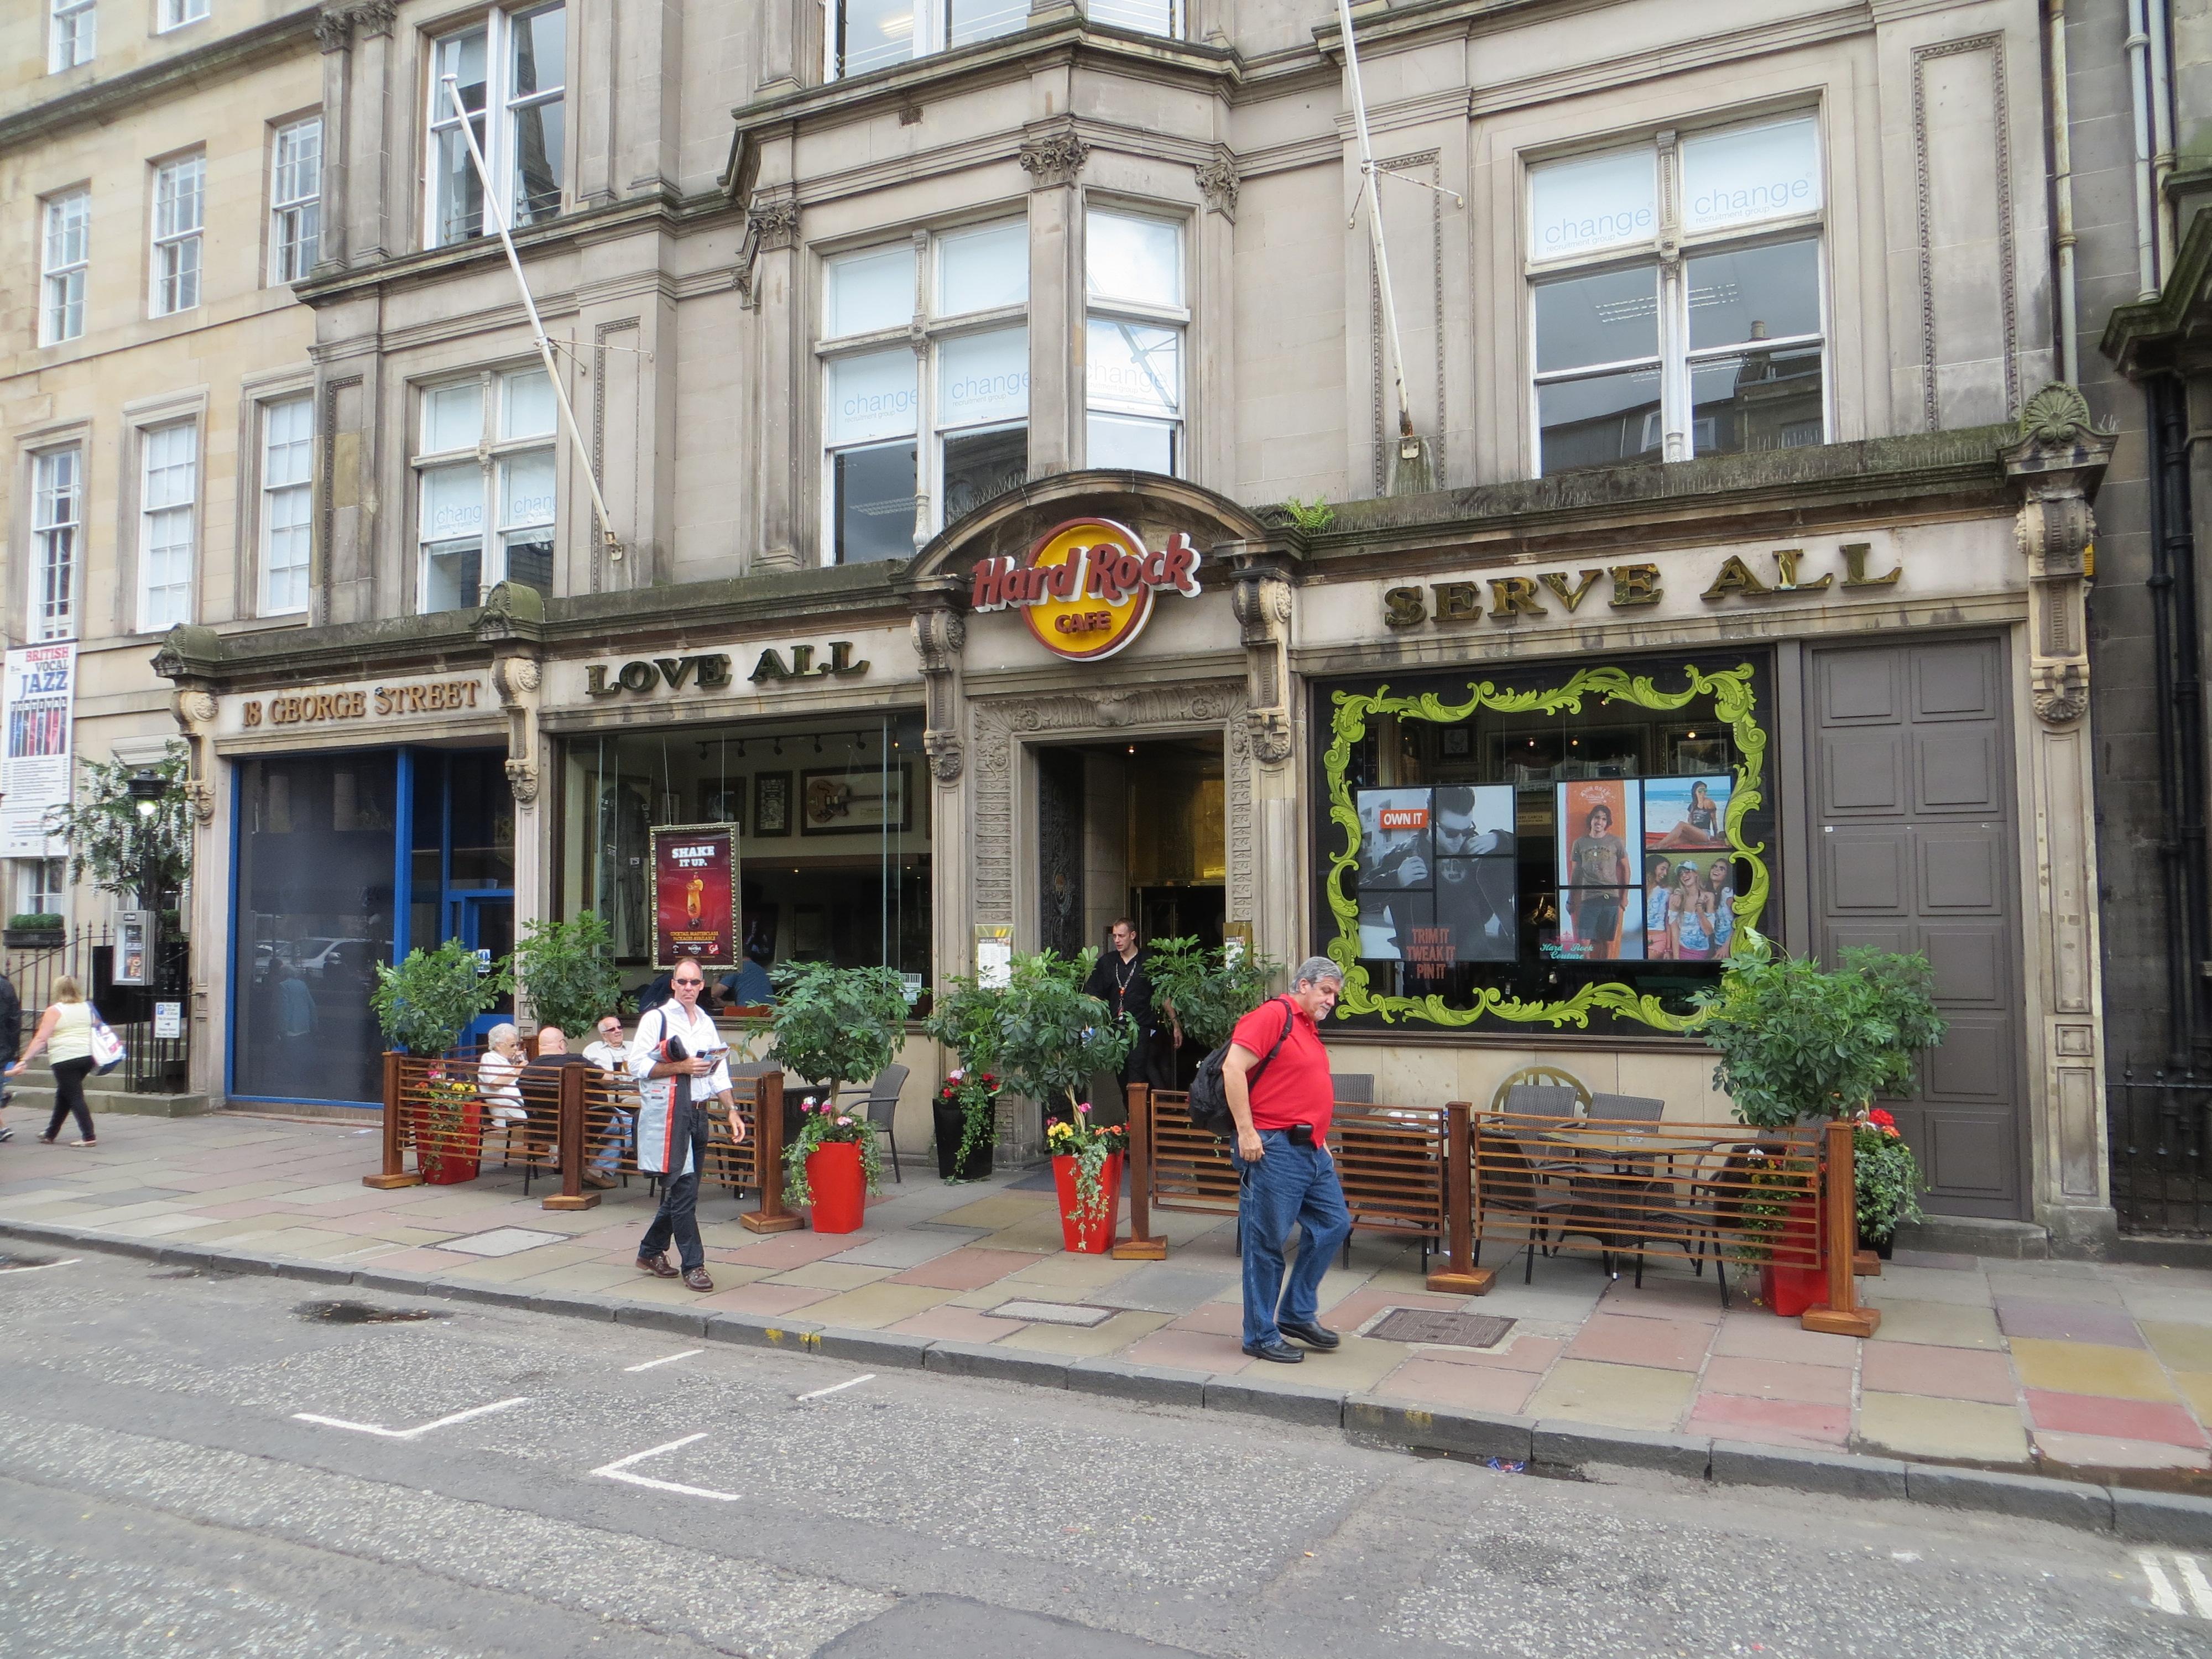 The Hard Rock Cafe Edinburgh